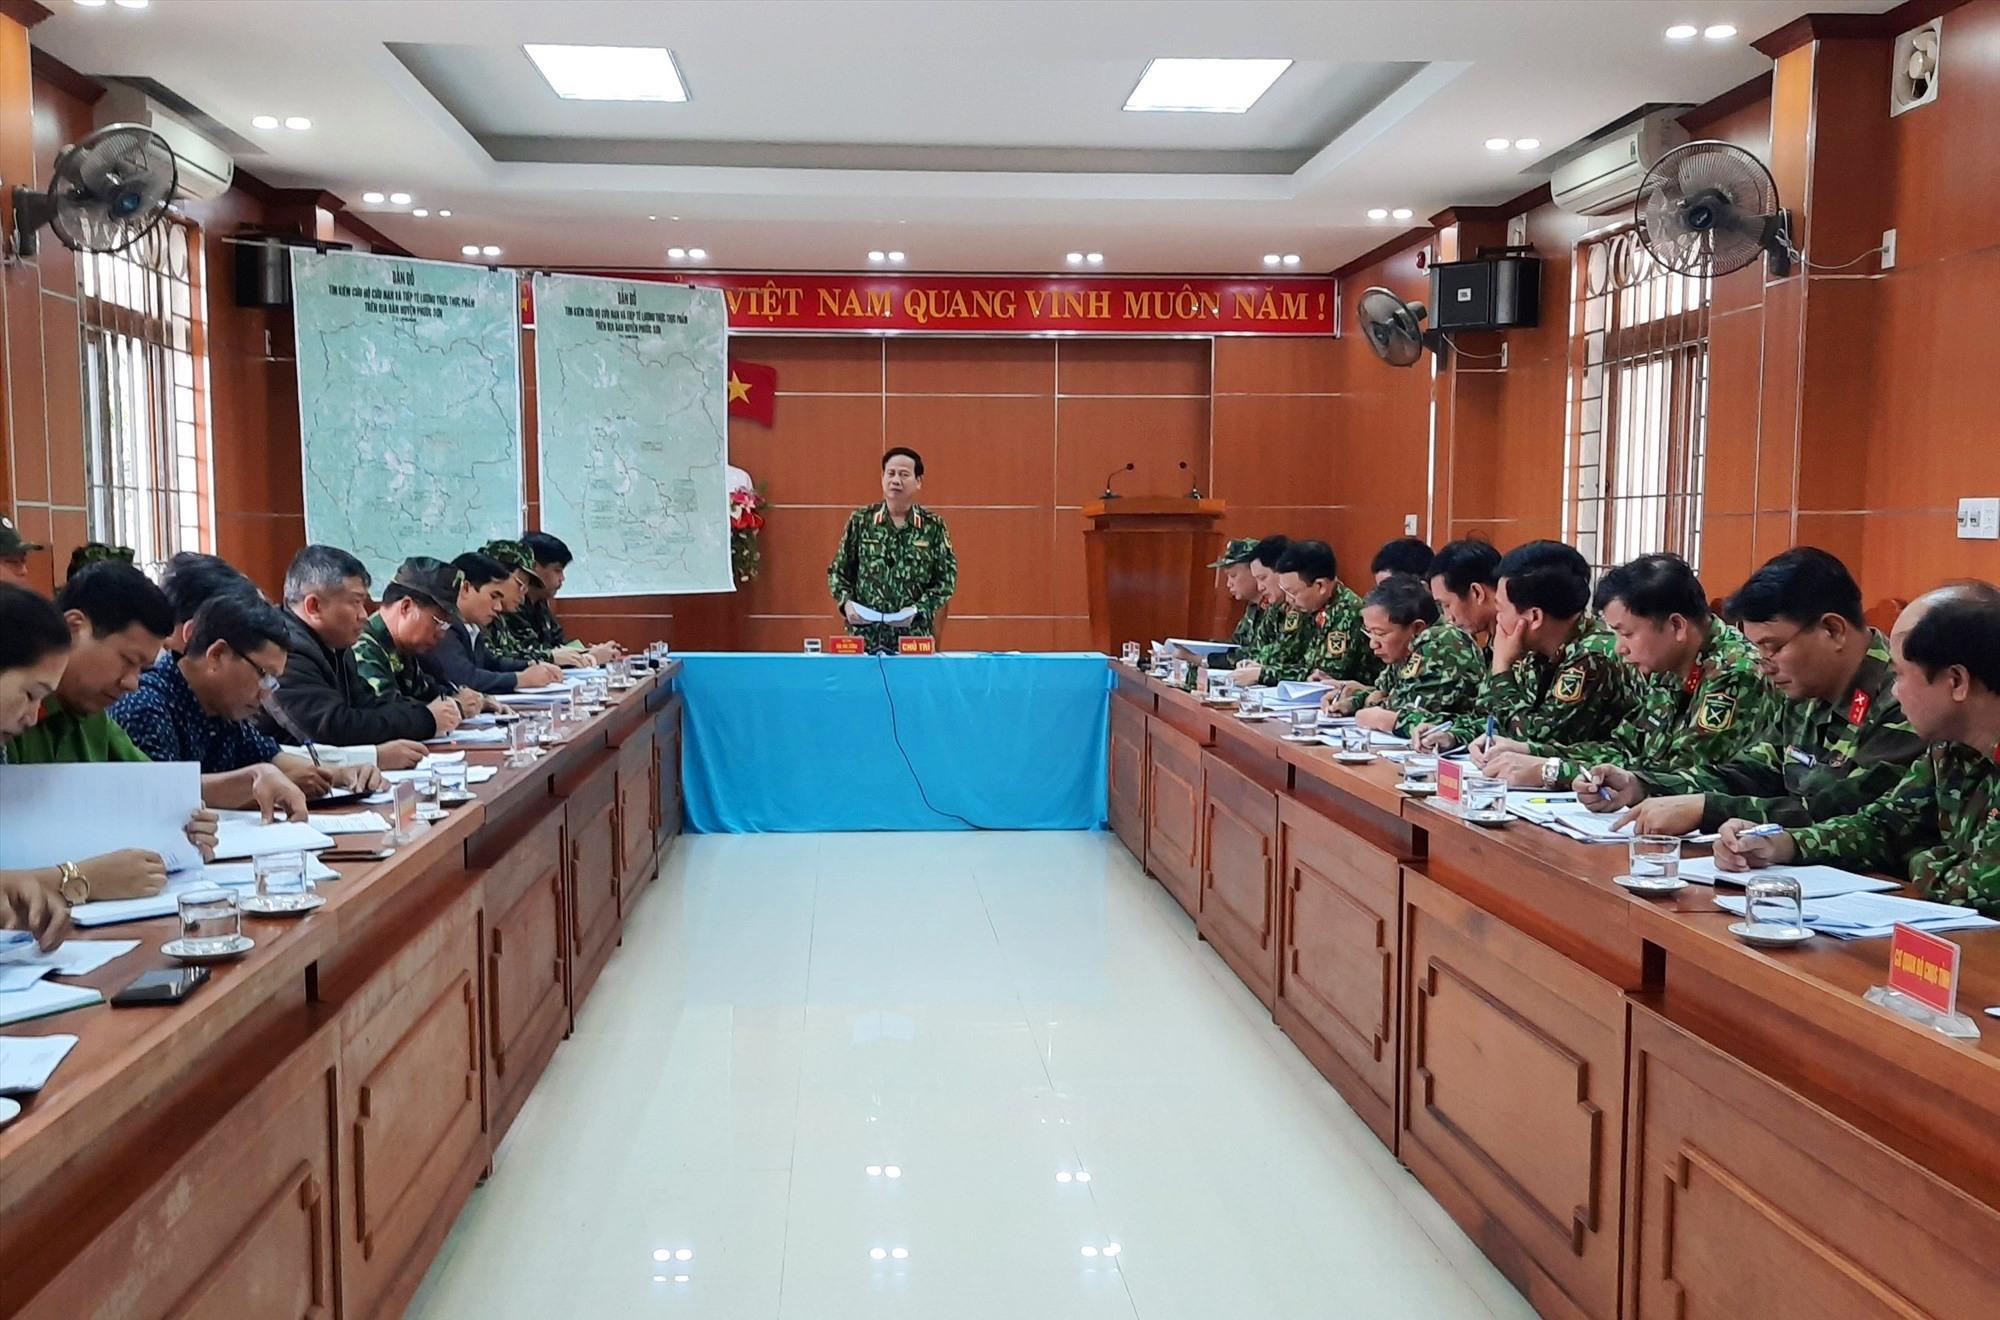 Thiếu tướng Hứa Văn Tưởng - Phó Tư lệnh Quân khu V làm việc với Sở chỉ huy tiền phương và UBND huyện Phước Sơn. Ảnh: Q.K